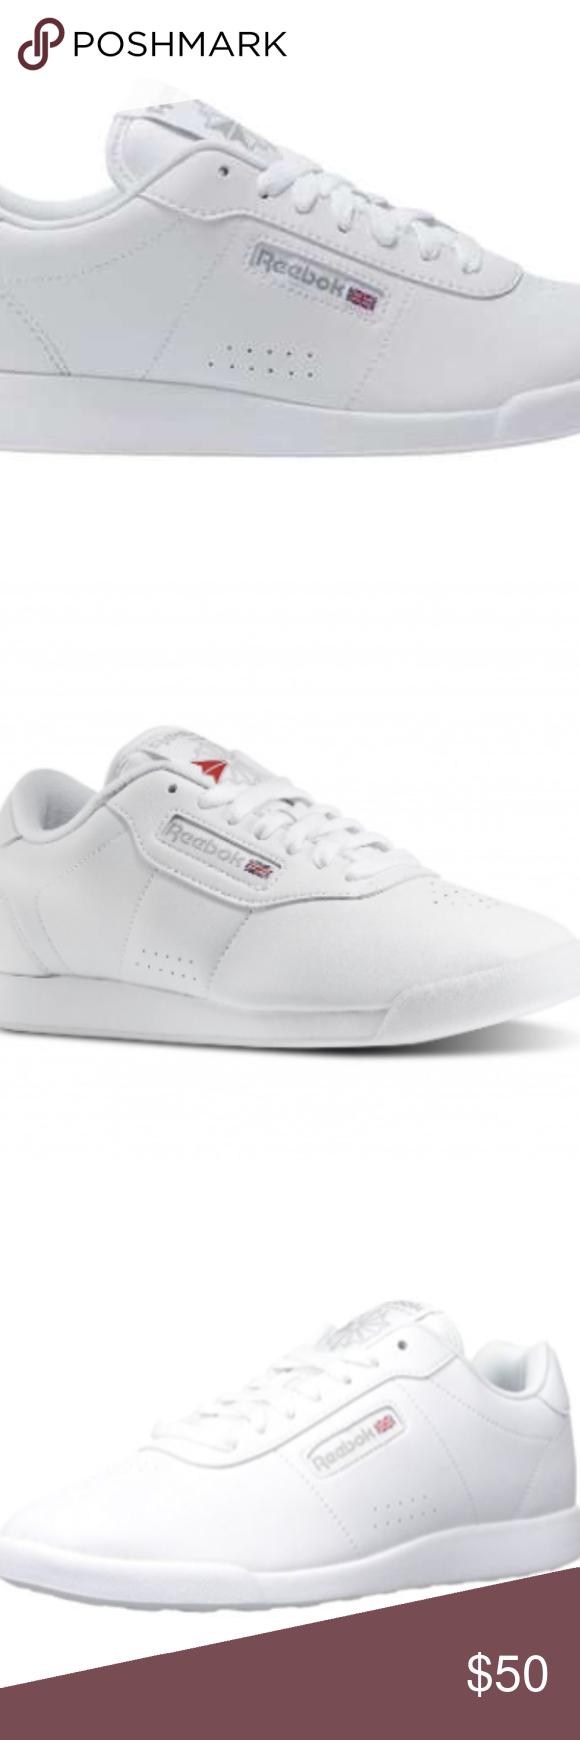 9493e8038 NWT Reebok Princess Lite Womens Classic Shoe Lightweight design and  superior comfort. Removable memory foam